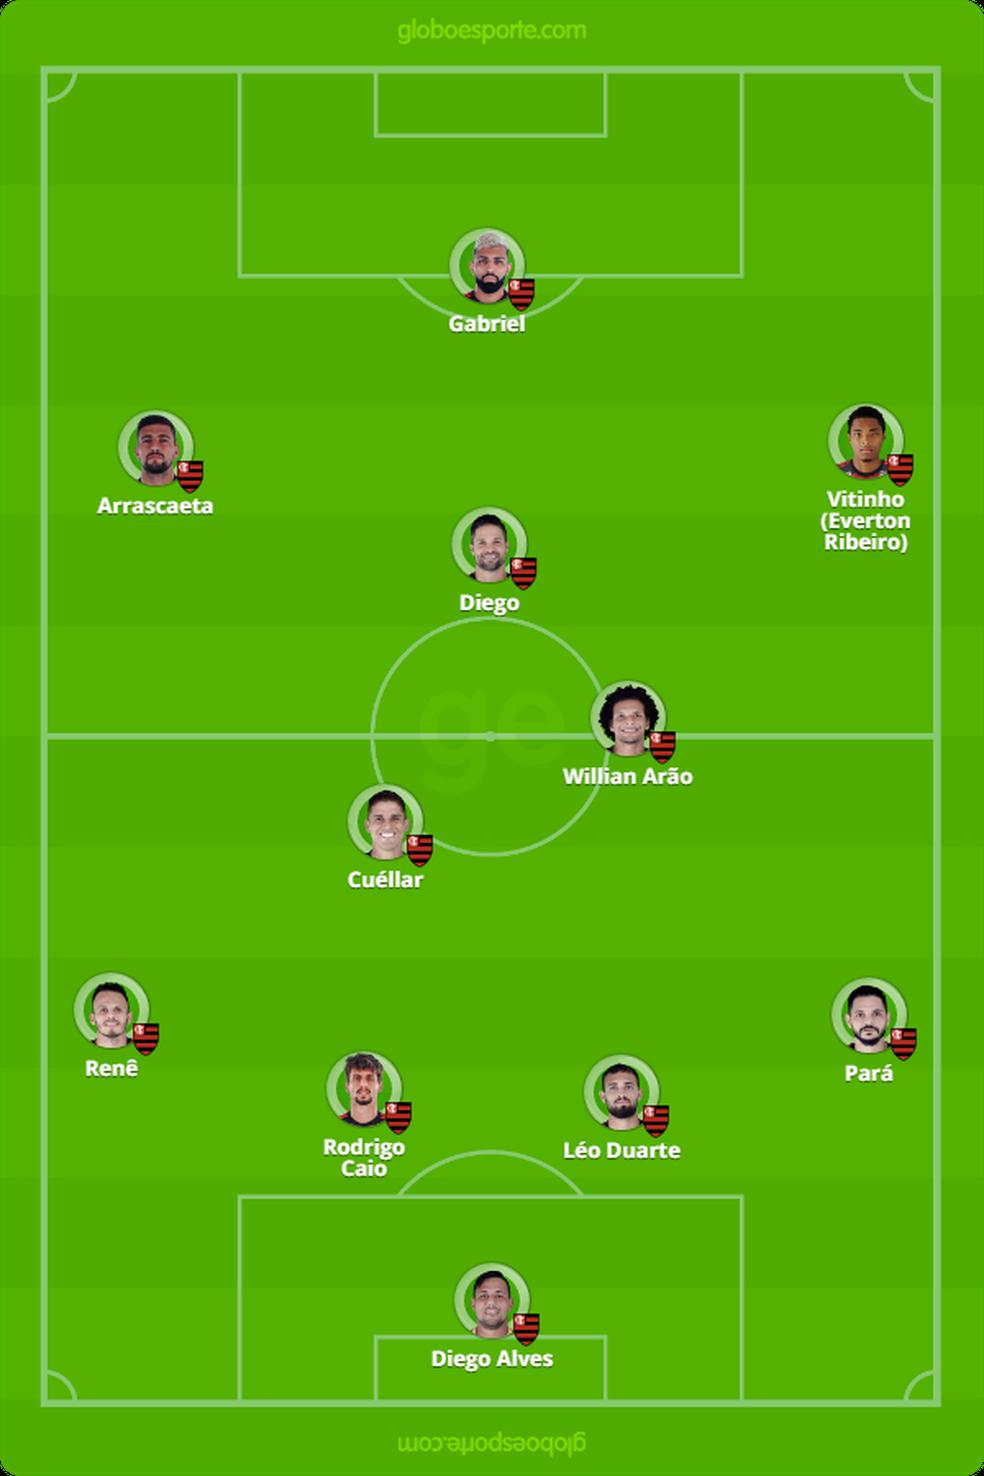 Provável escalação do Flamengo para o duelo com Vasco — Foto: GloboEsporte.com